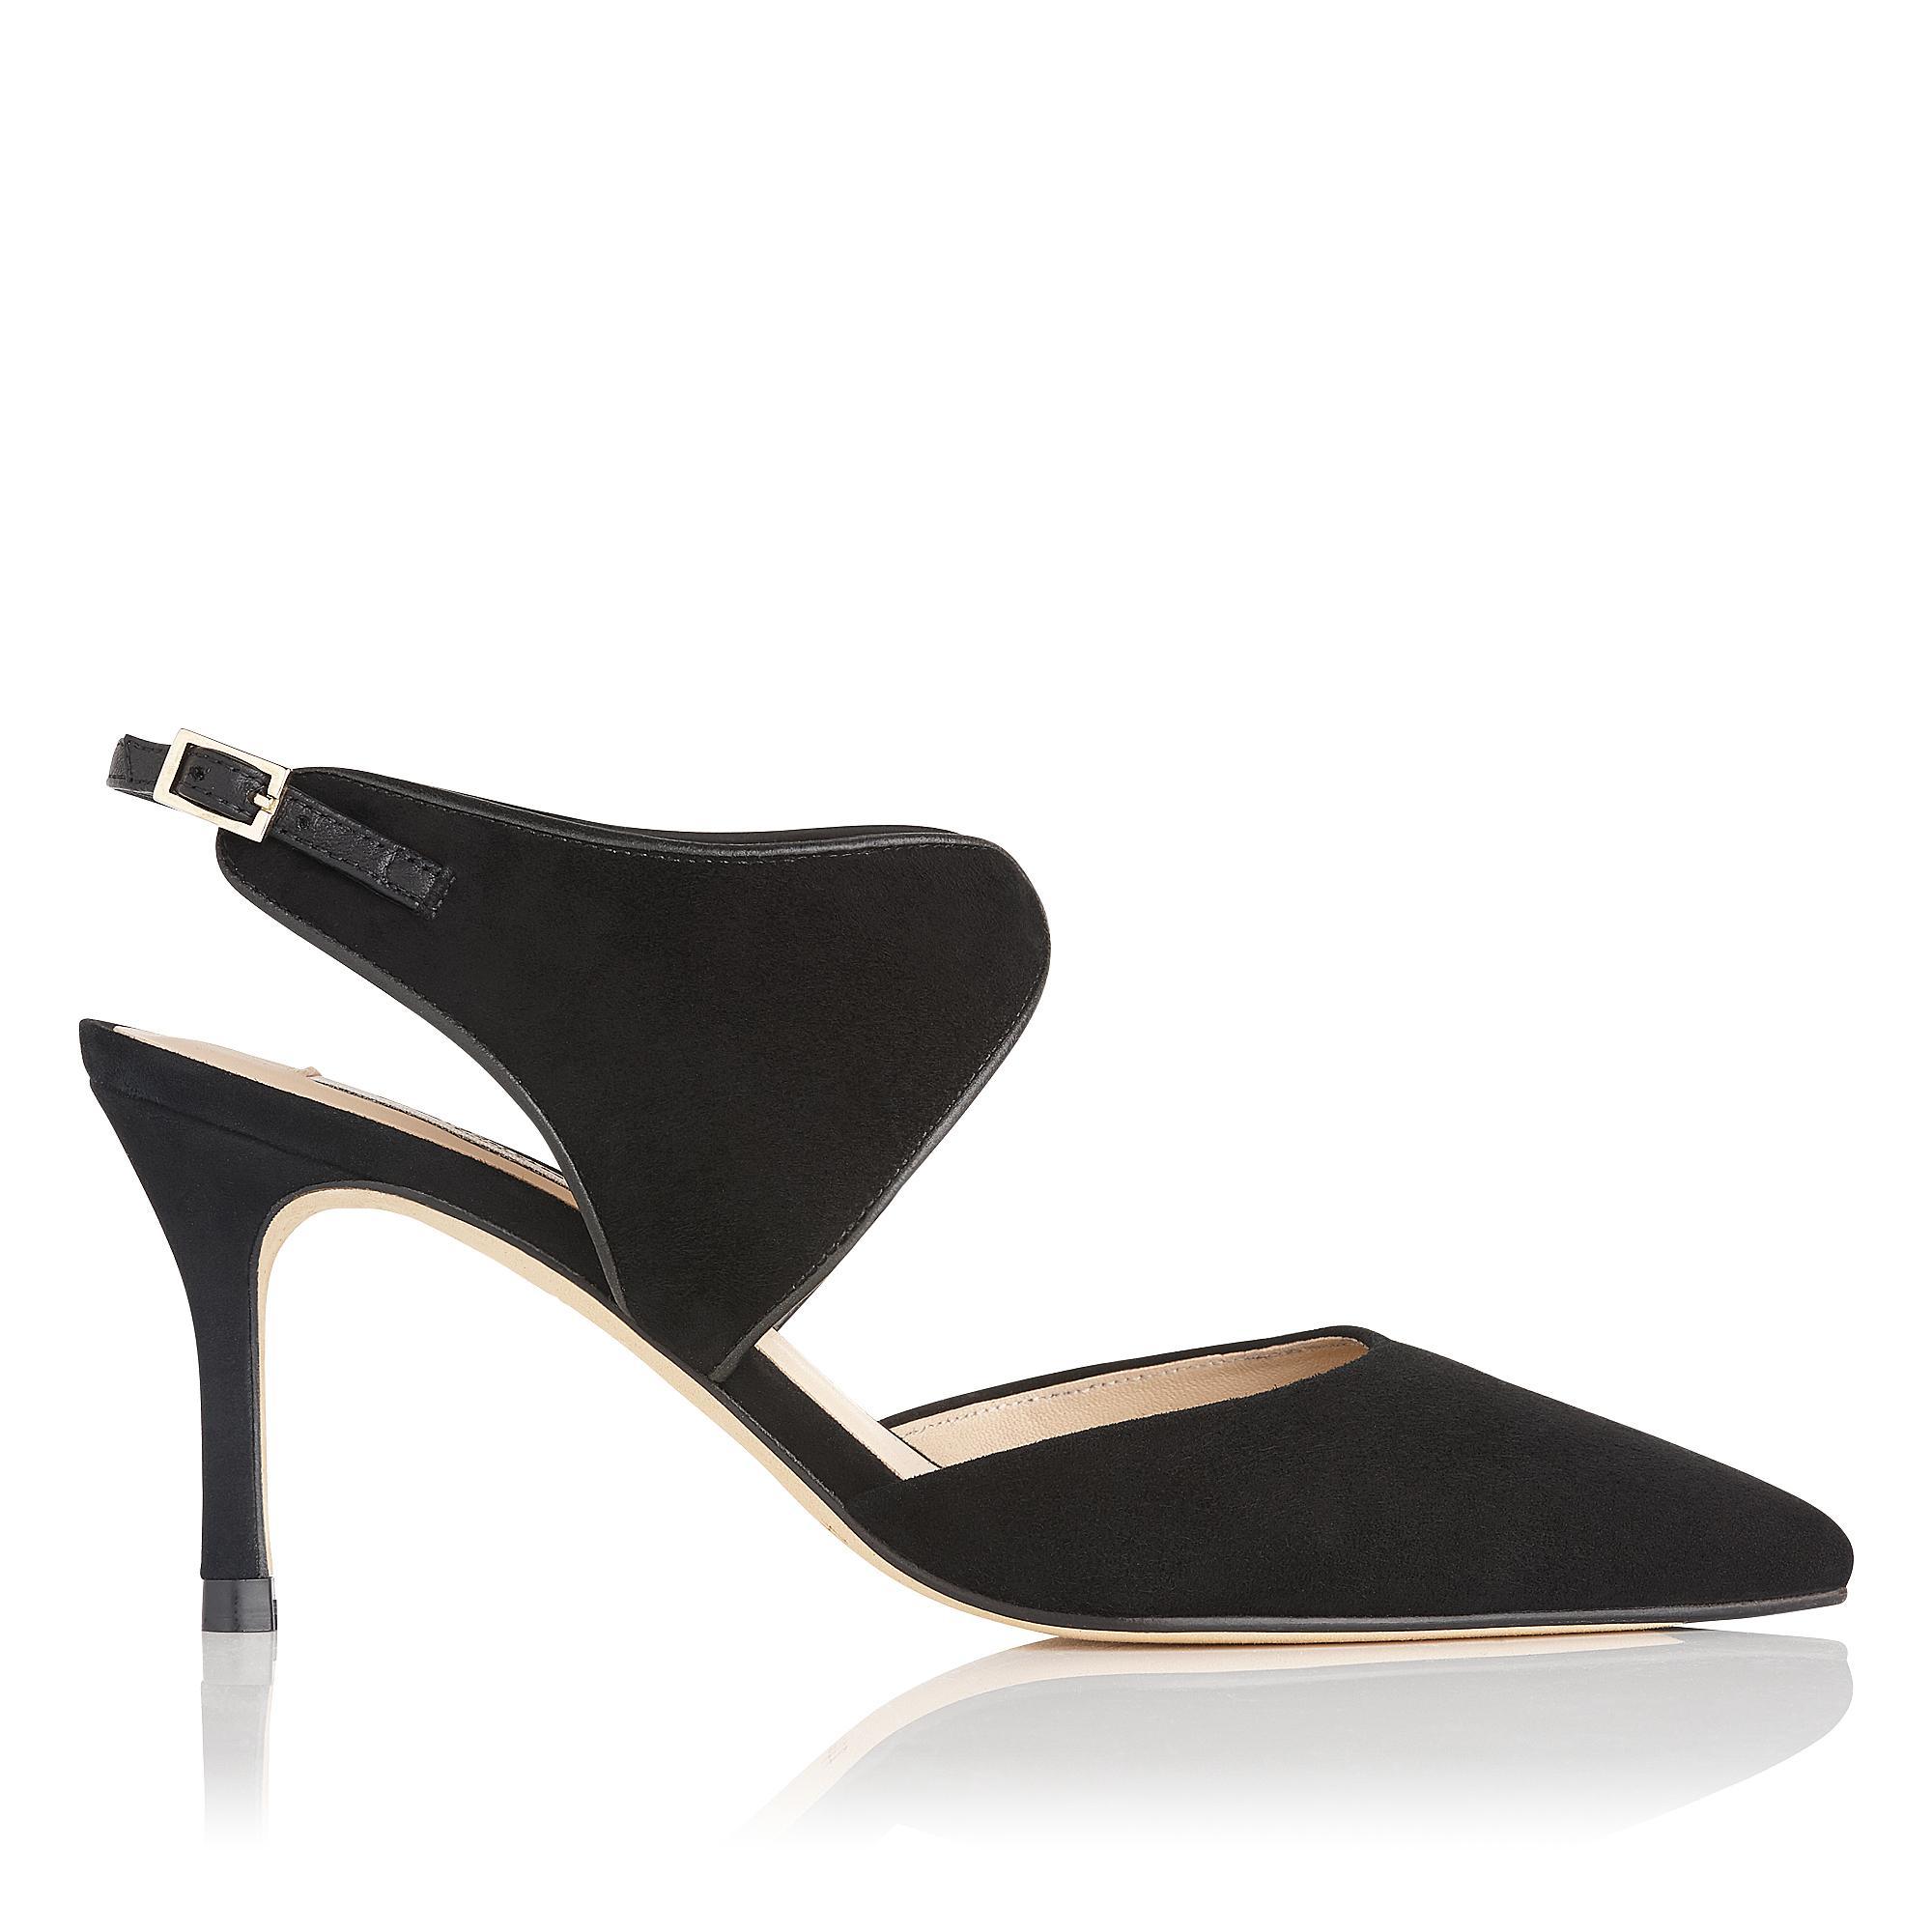 Cecily Black Suede Heel